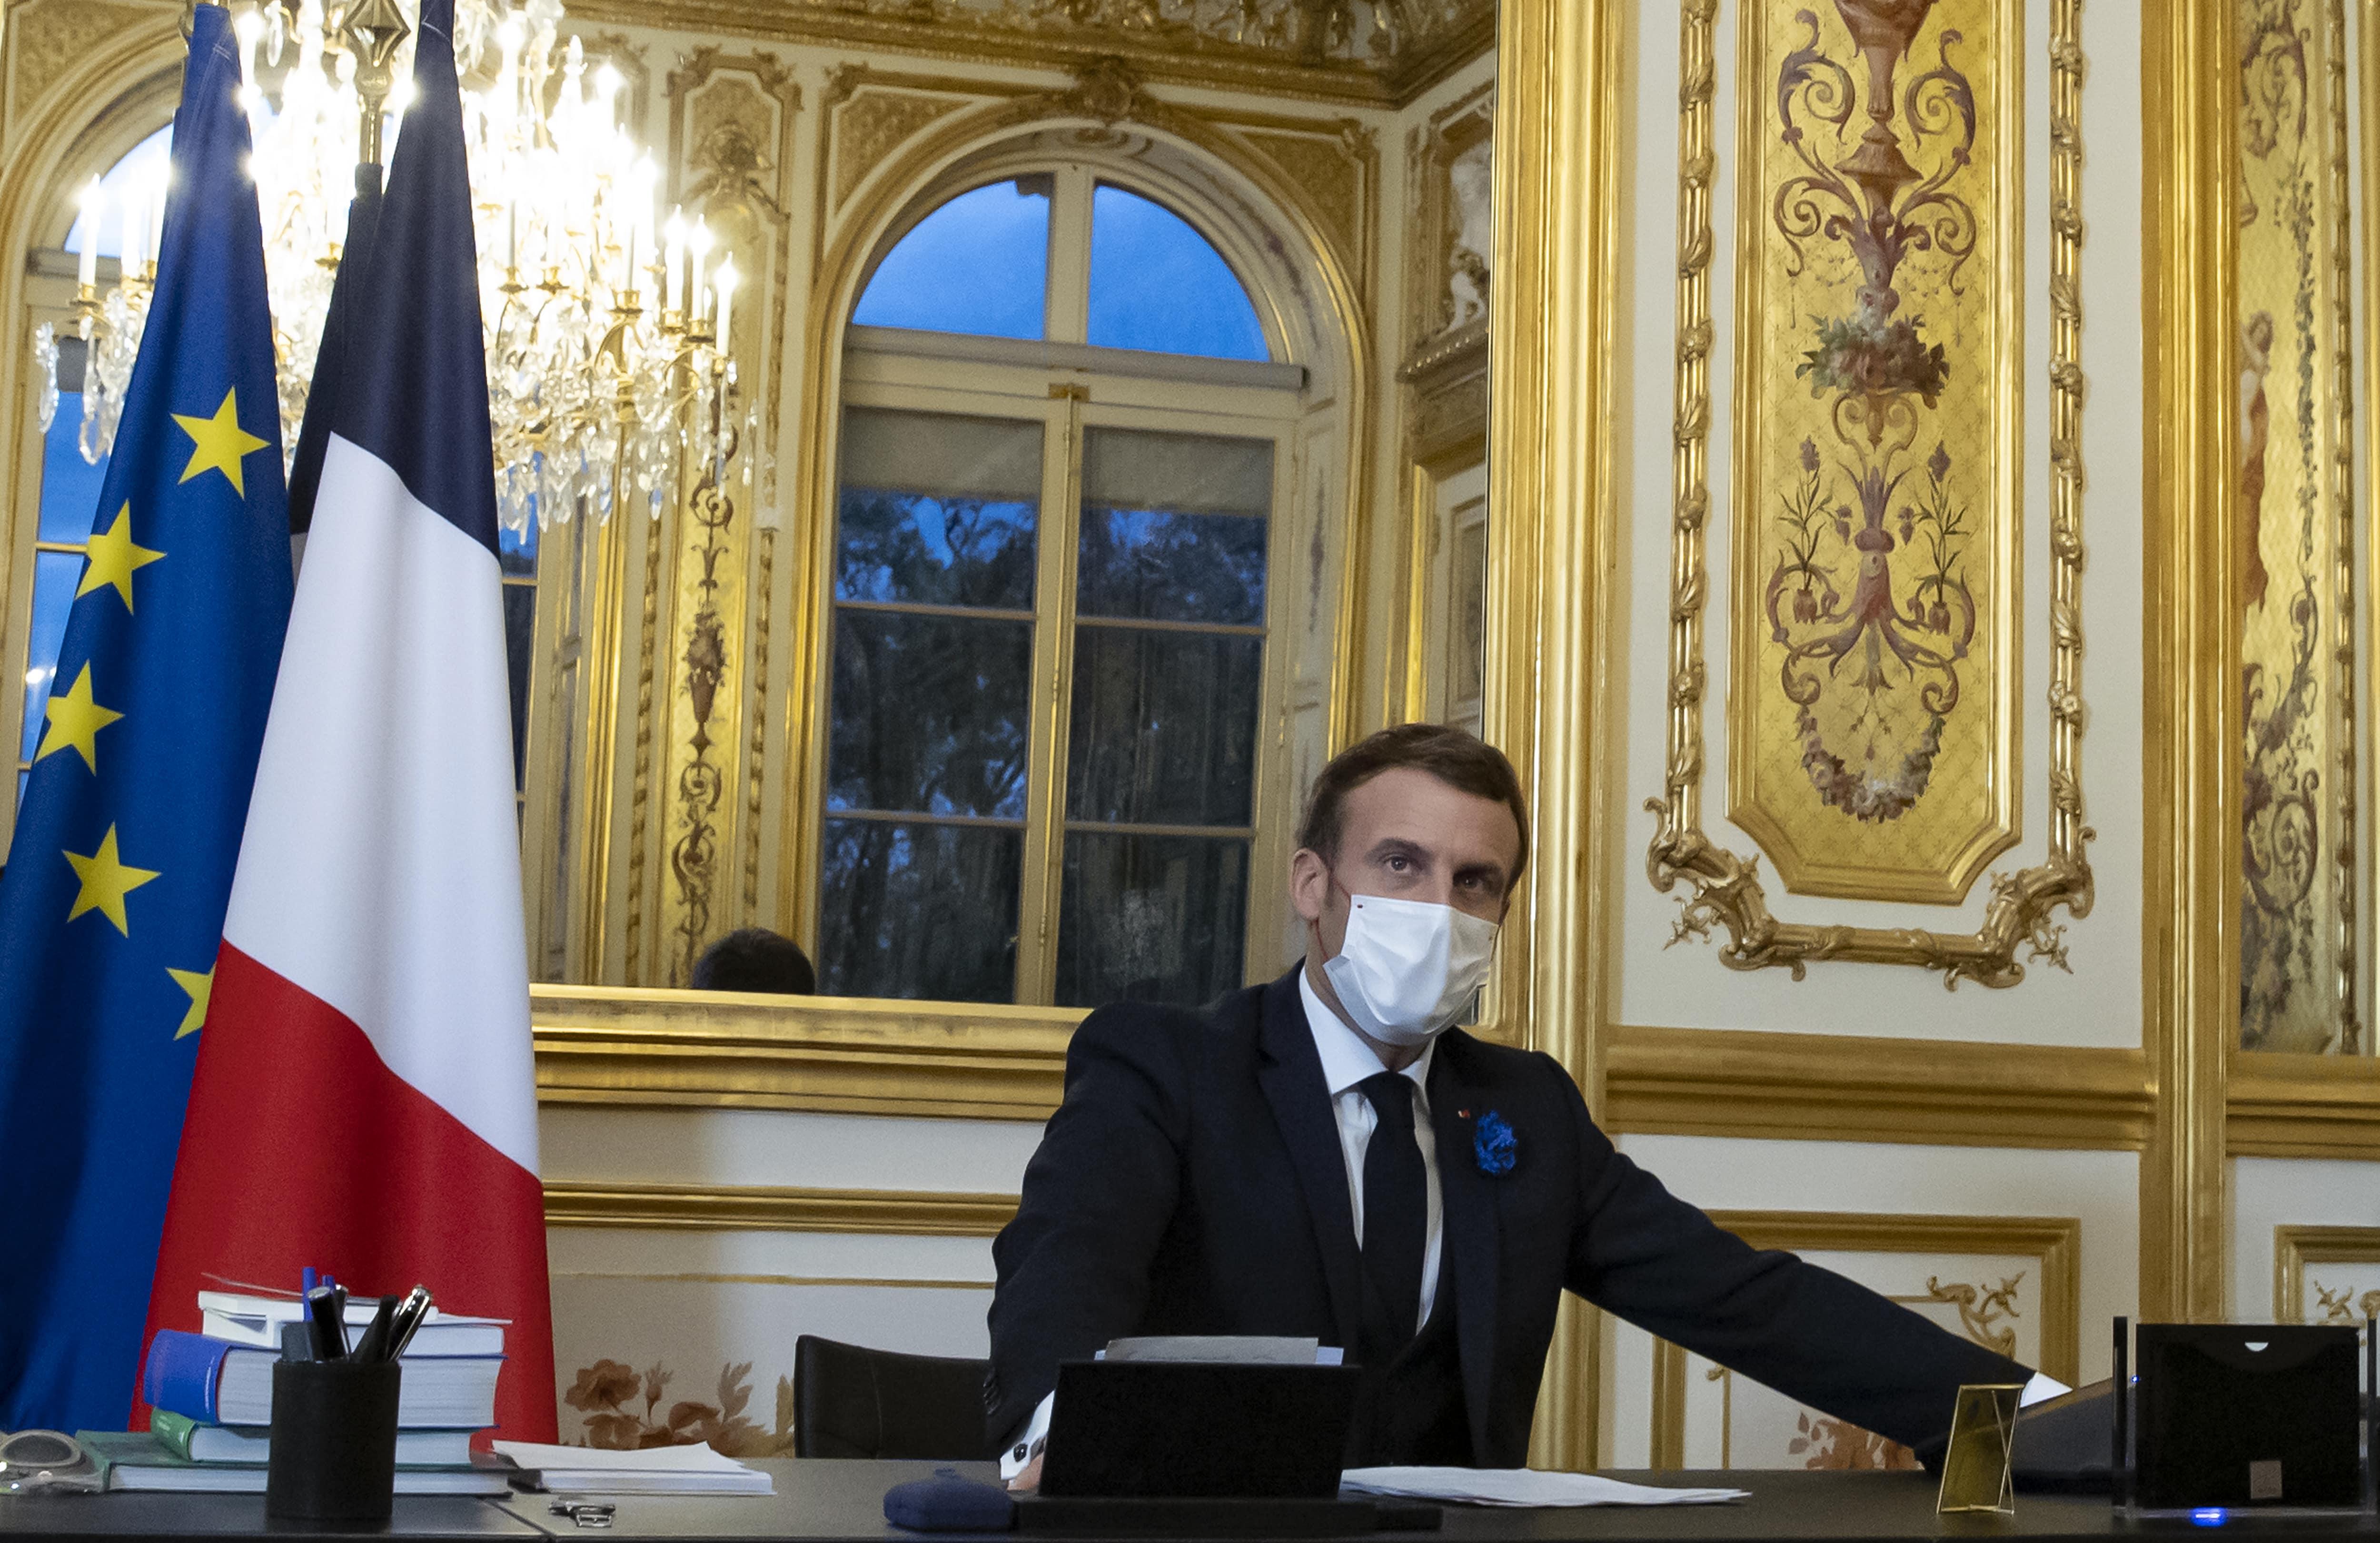 «Grande convergence de vues» entre Emmanuel Macron et Joe Biden, notamment sur le Covid -19 et le climat